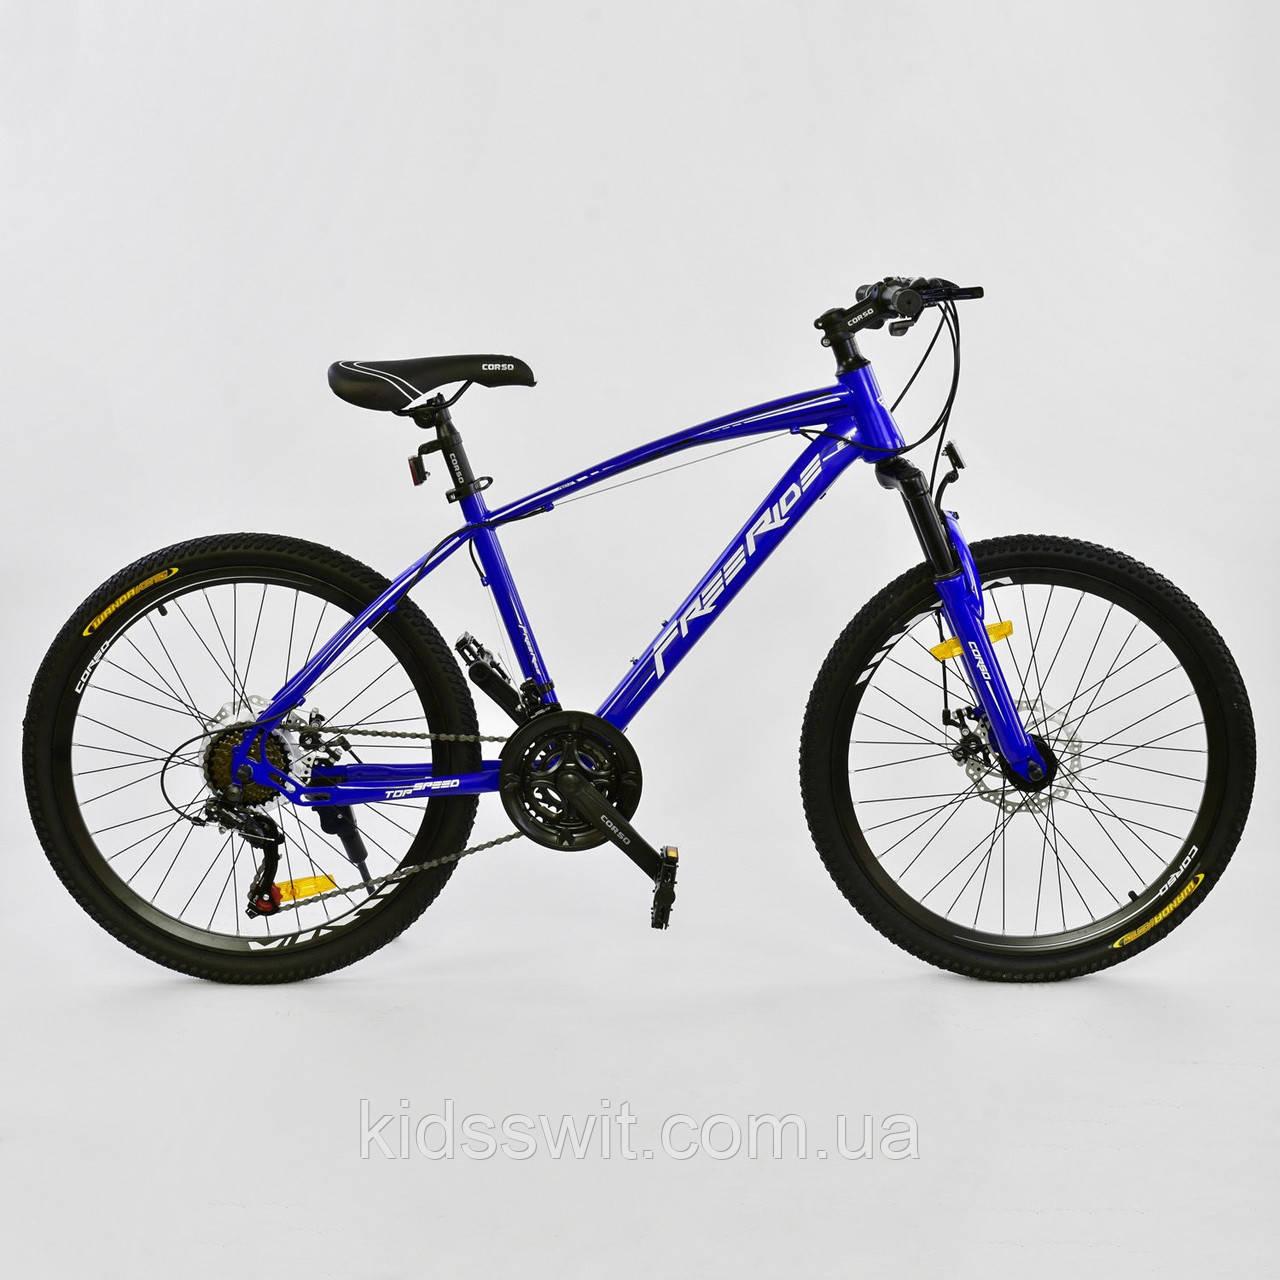 """Велосипед Спортивный CORSO Free Ride 24""""дюйма BLUE-WHITE рама металлическая 13``, 21 скорость, 0012 - 9057"""